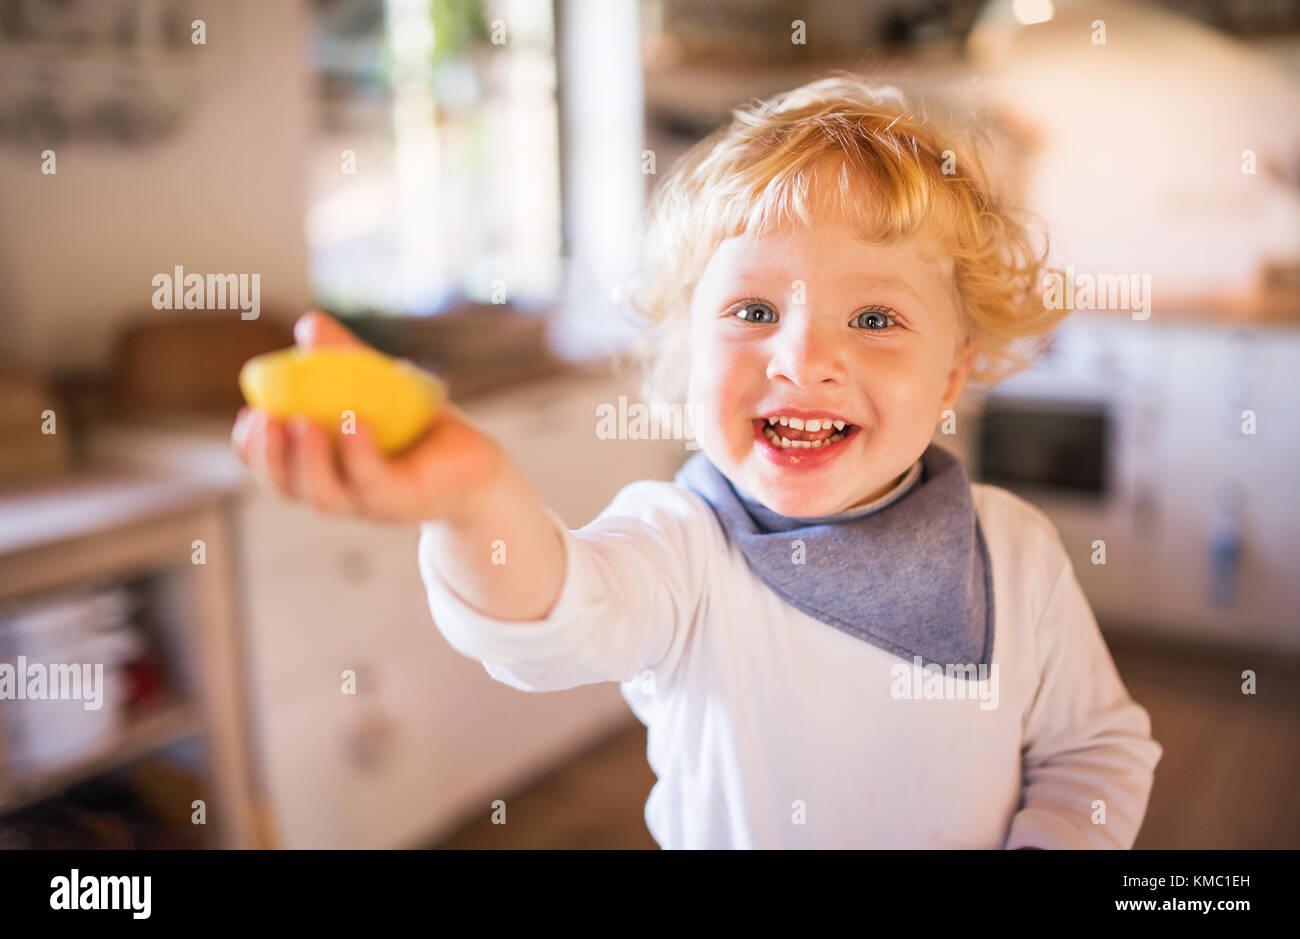 Bébé garçon dans la cuisine. Photo Stock